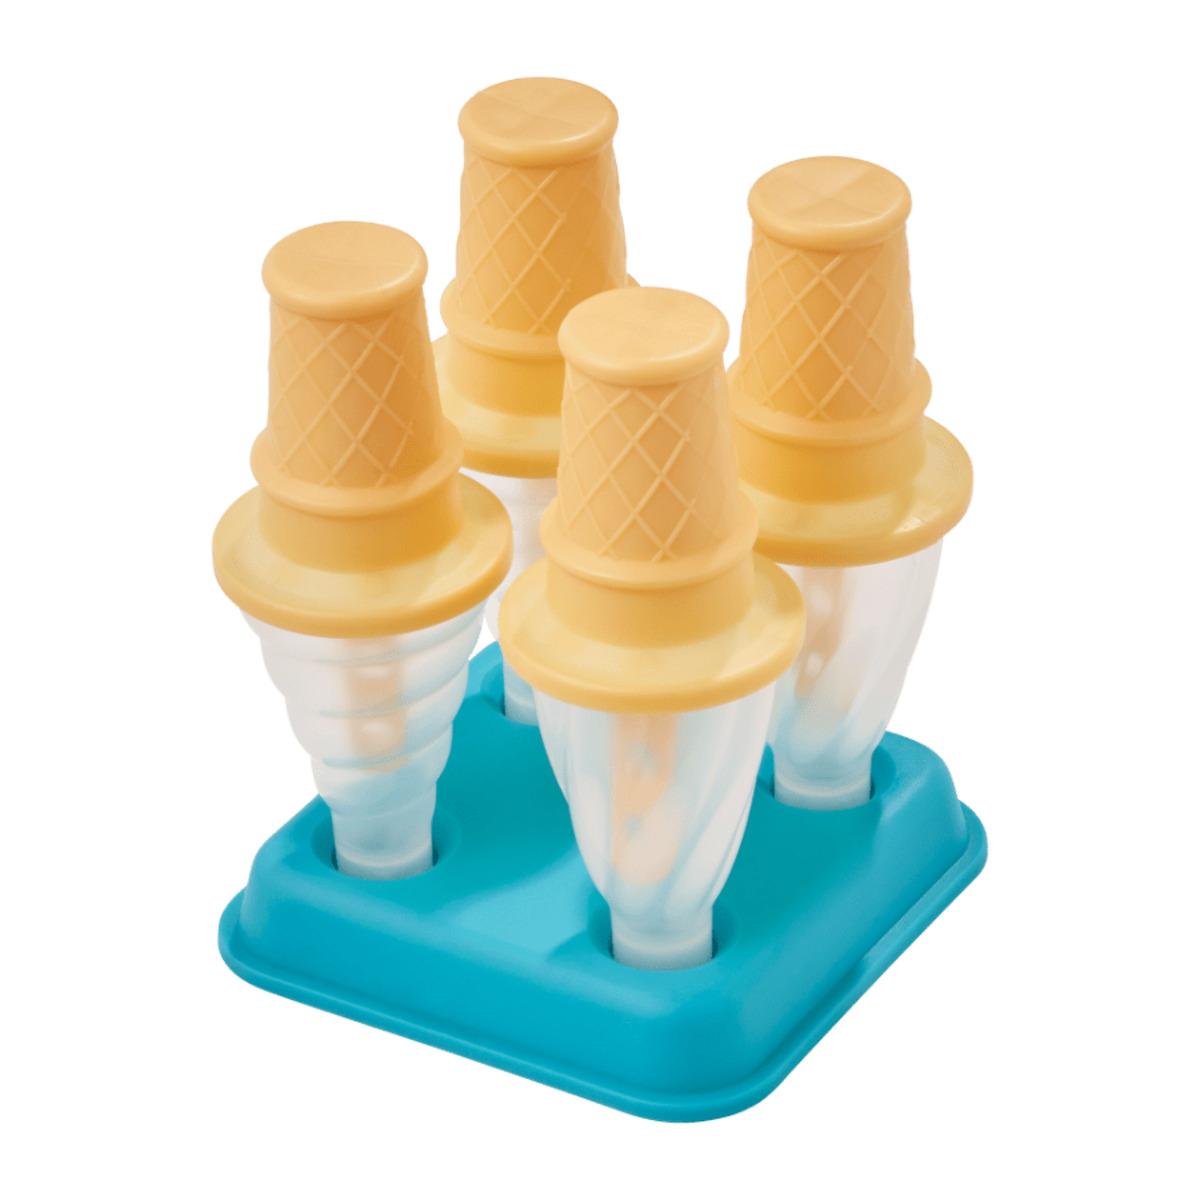 Bild 4 von HOME CREATION     Premium Eisformen